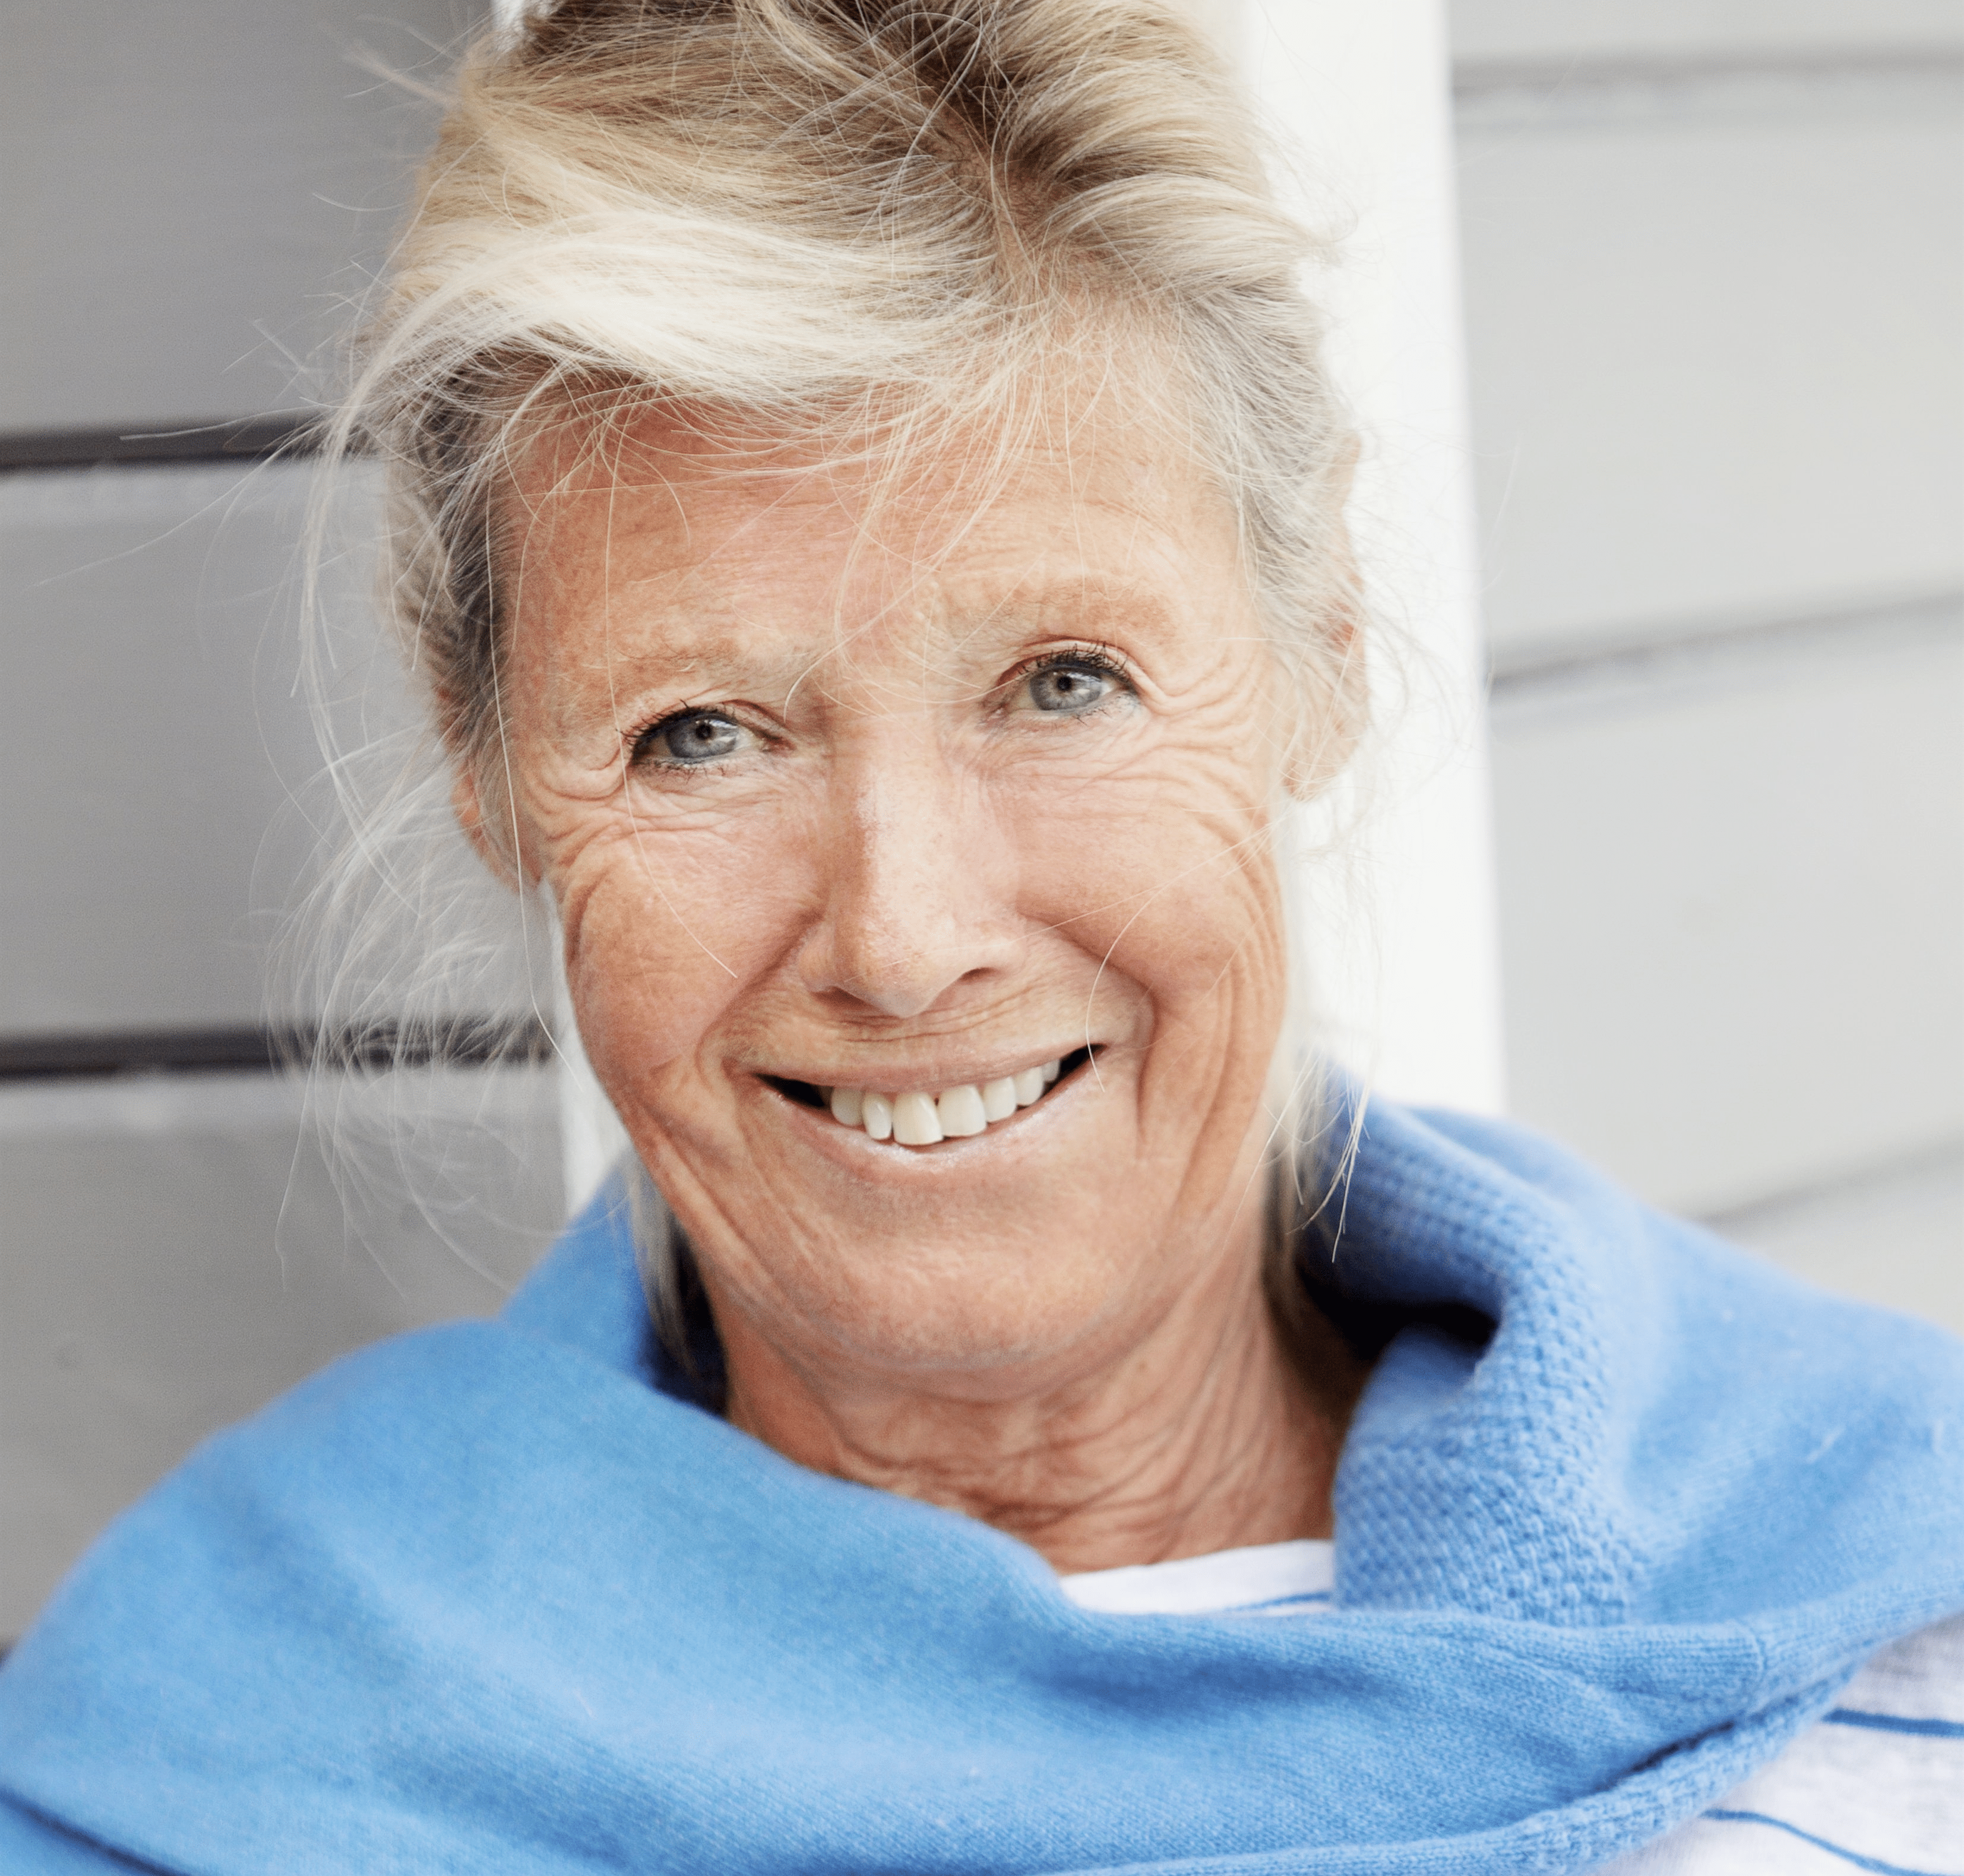 Portsträtt av äldre kvinna.